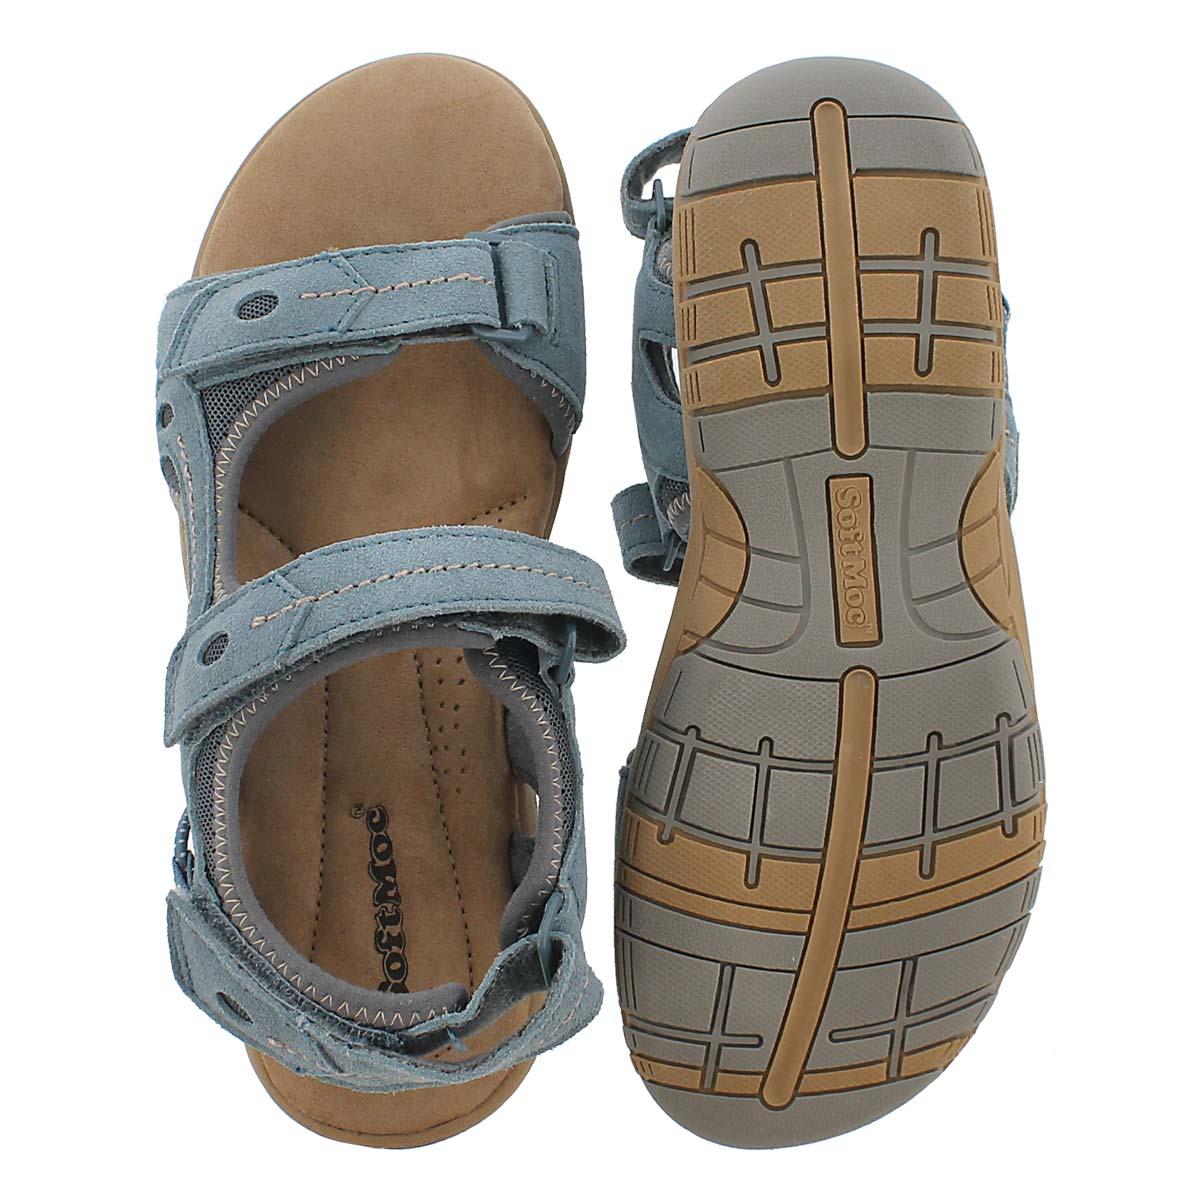 Sandale msse visc. Gladys, bleu, femmes